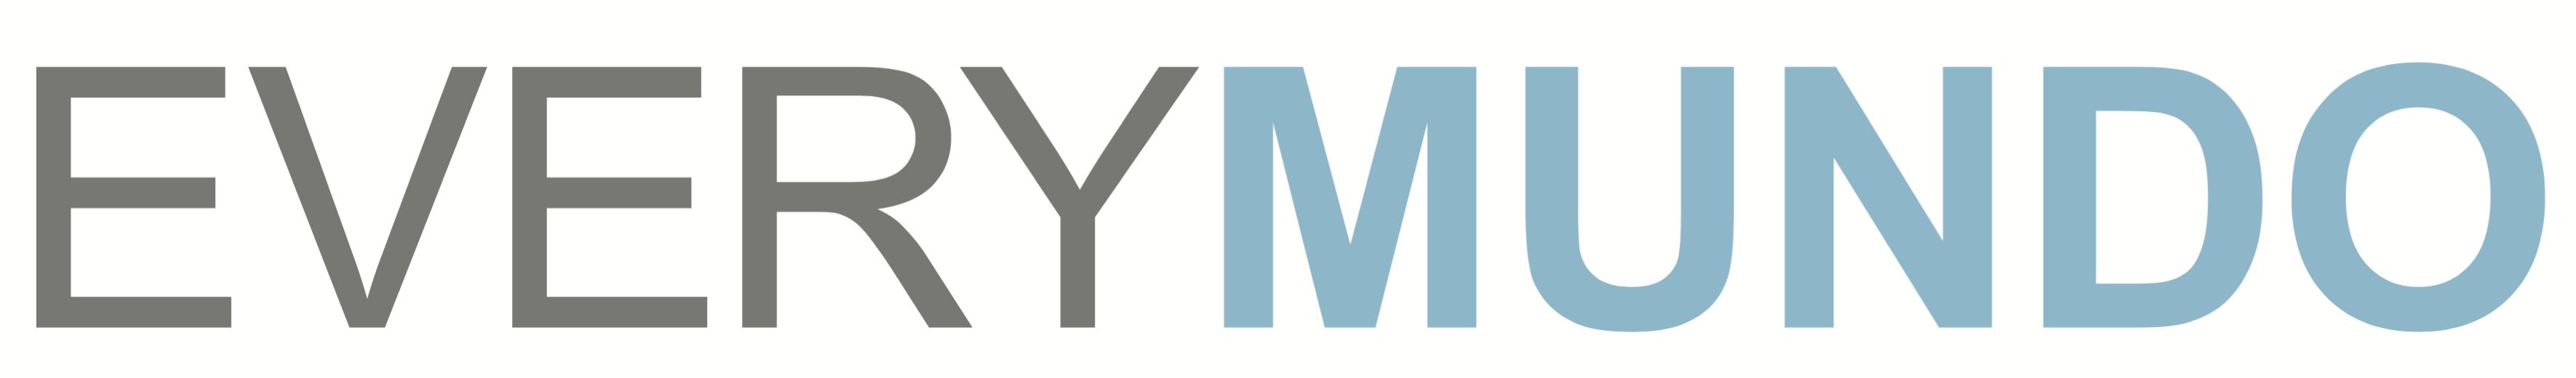 EM-logo-hd.png